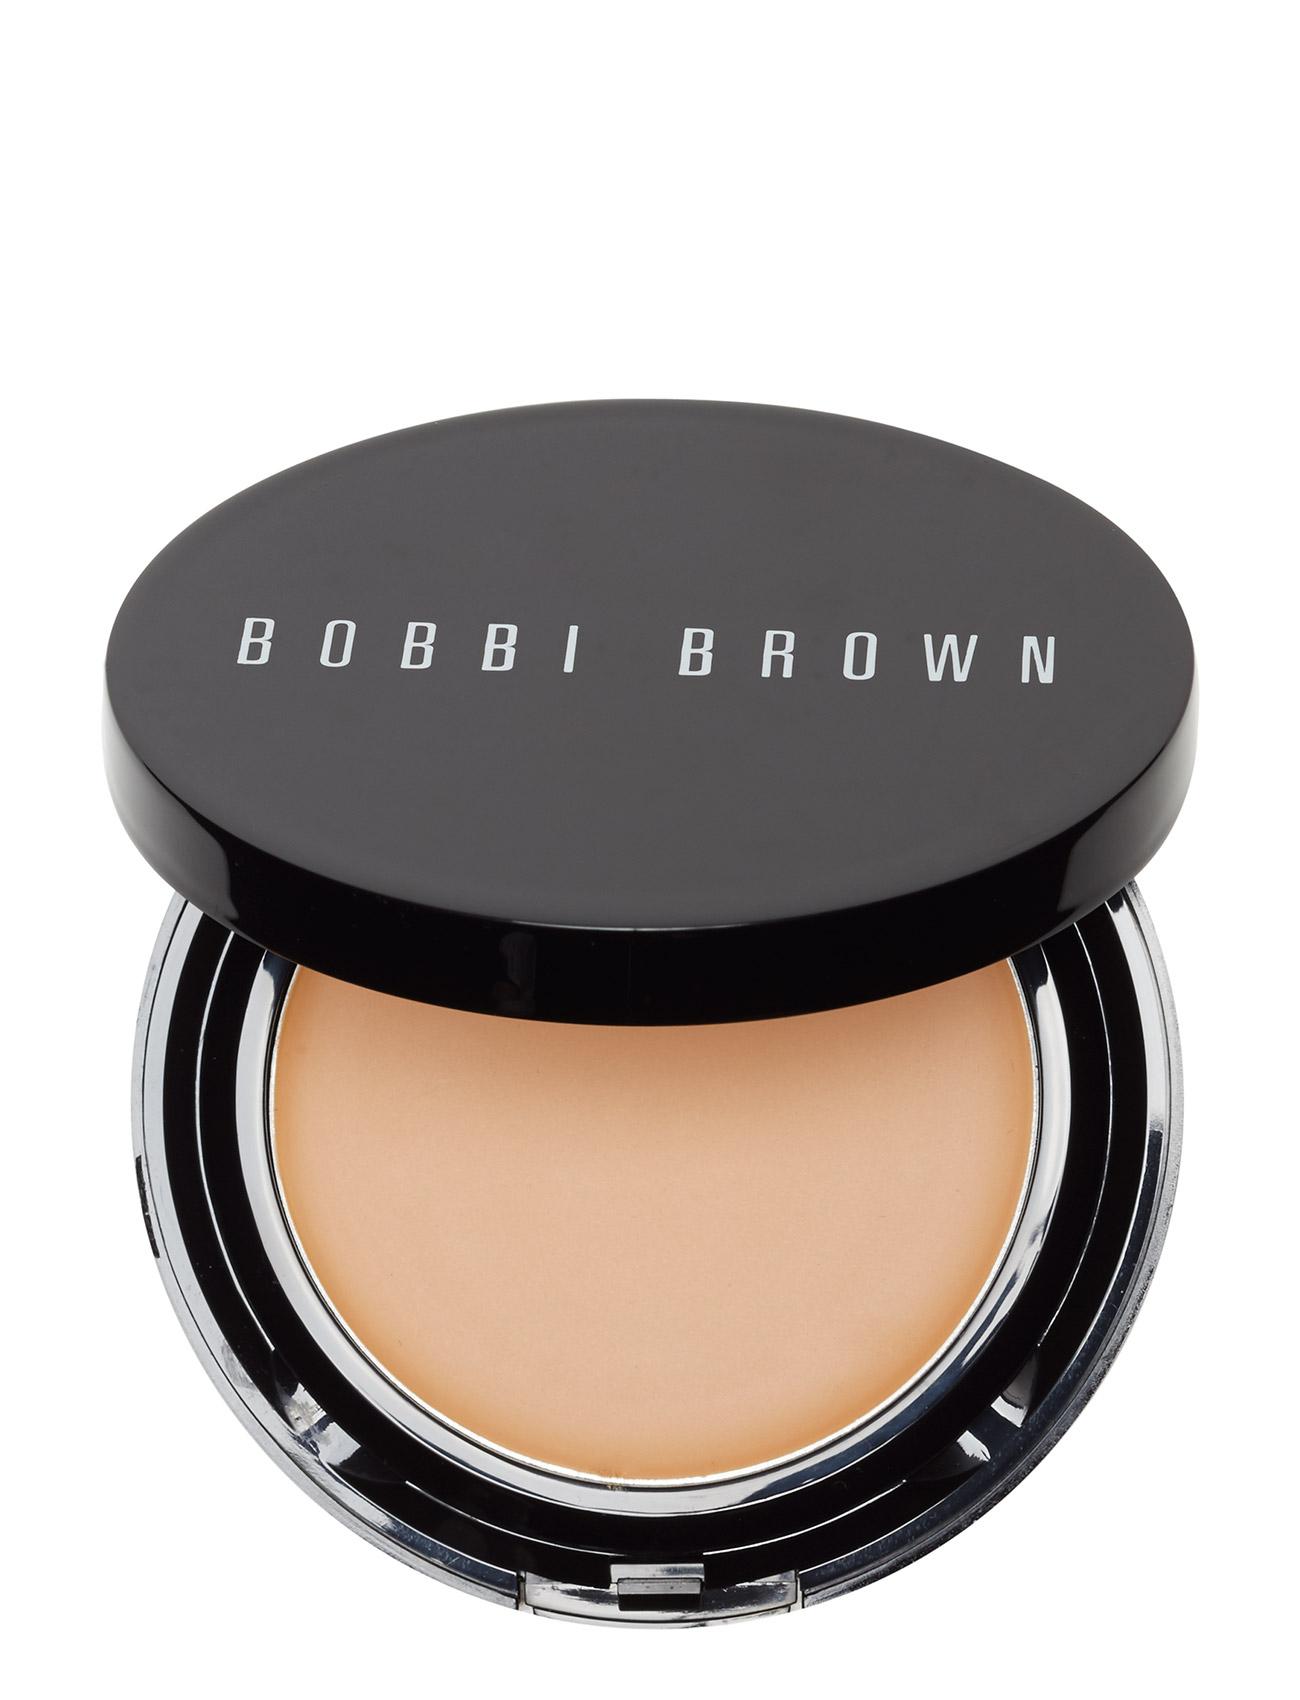 bobbi brown – Long-wear even finish compact foundation, beige 3 på boozt.com dk